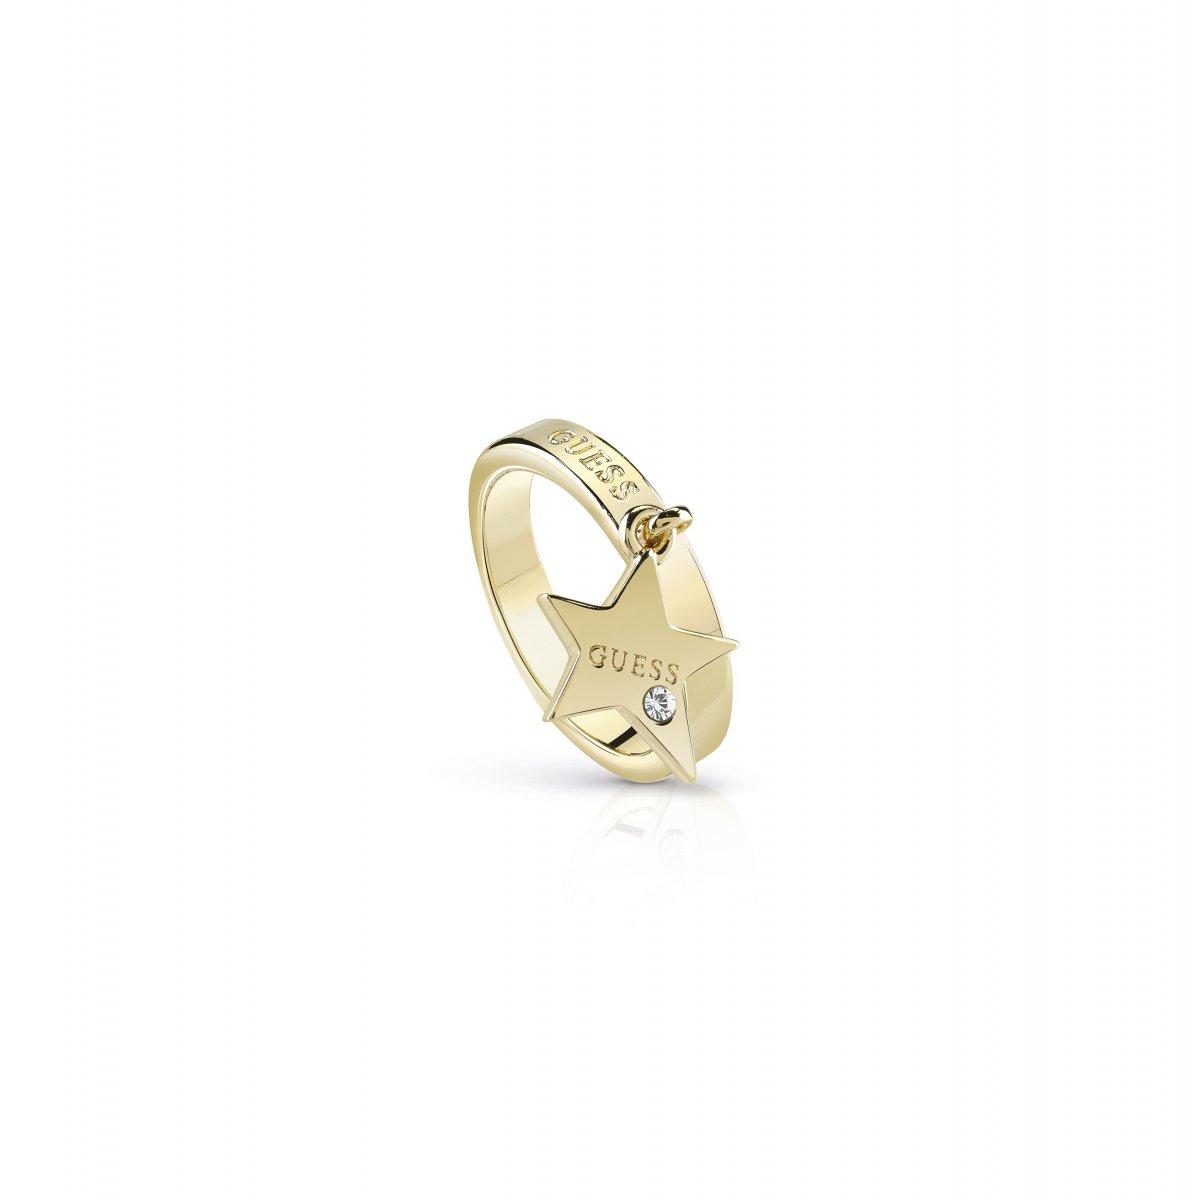 Zlatý prsteň GUESS s príveskom v tvare hviezdy